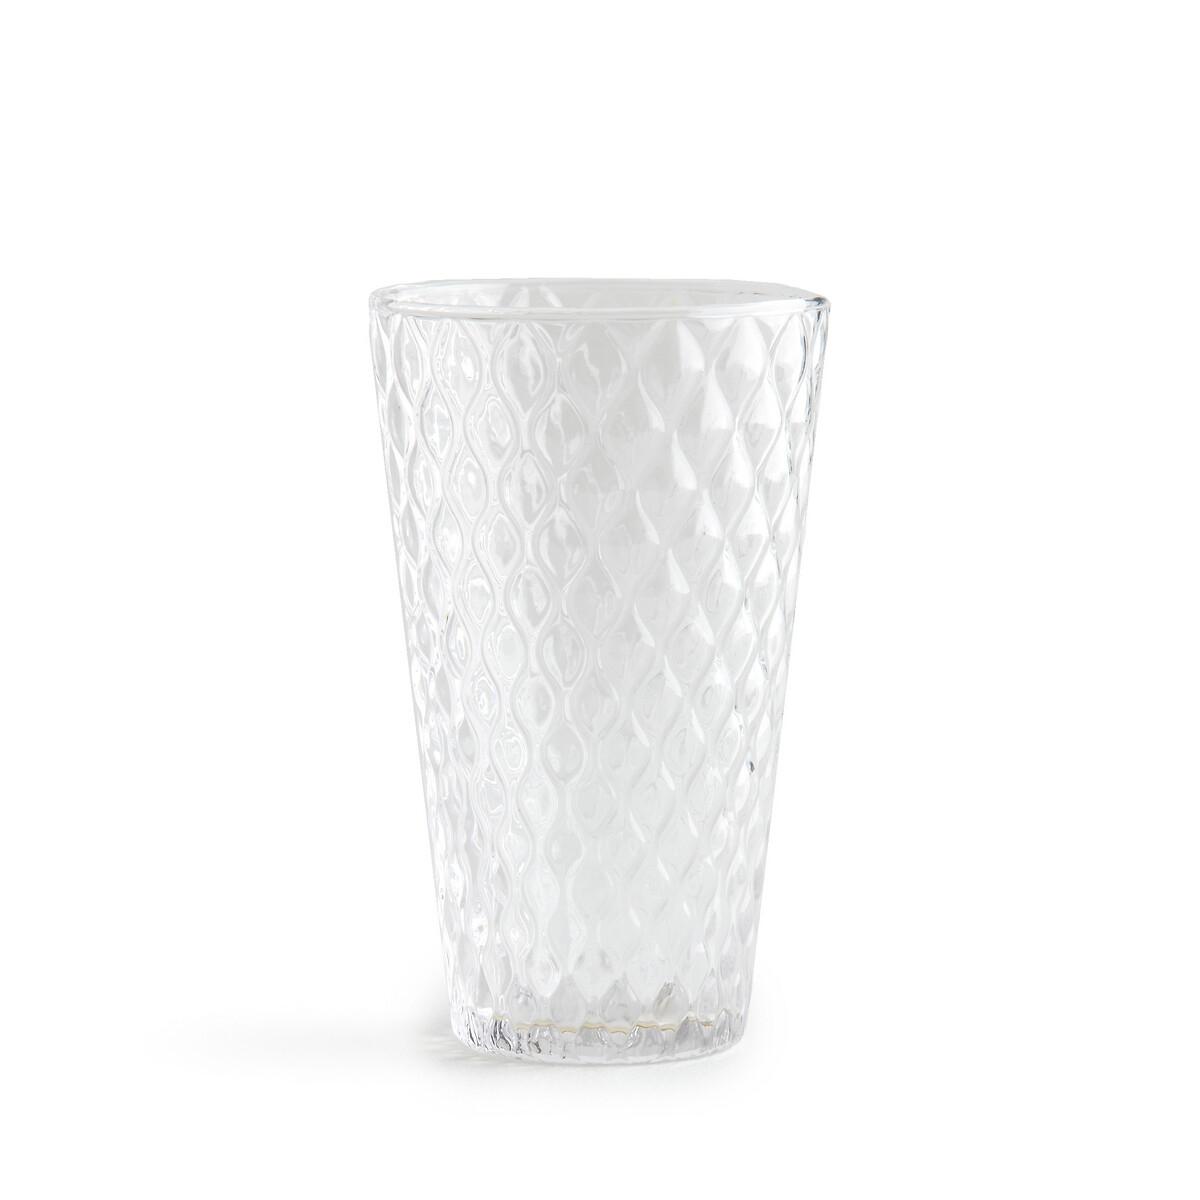 Комплект из 6 стаканов для LaRedoute Сока Abelha единый размер другие набор laredoute из 6 стаканов troquet единый размер другие